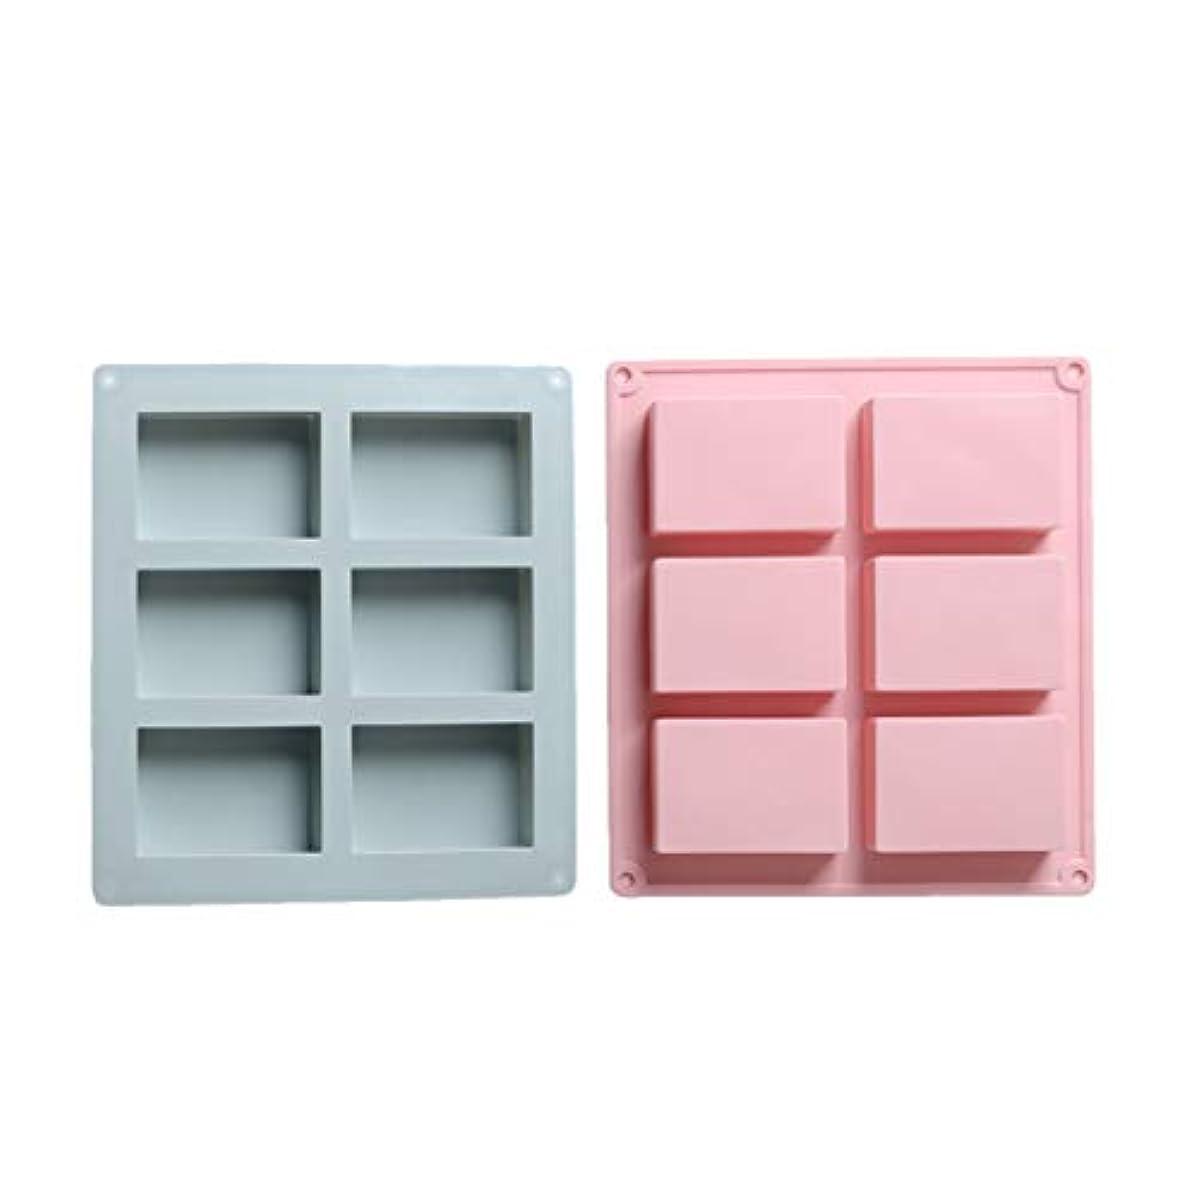 考えハンディ承知しましたSUPVOX シリコン長方形モールドソープチョコレートキャンドルとゼリーブラウン2個(青とピンク)を作るための6つのキャビティ